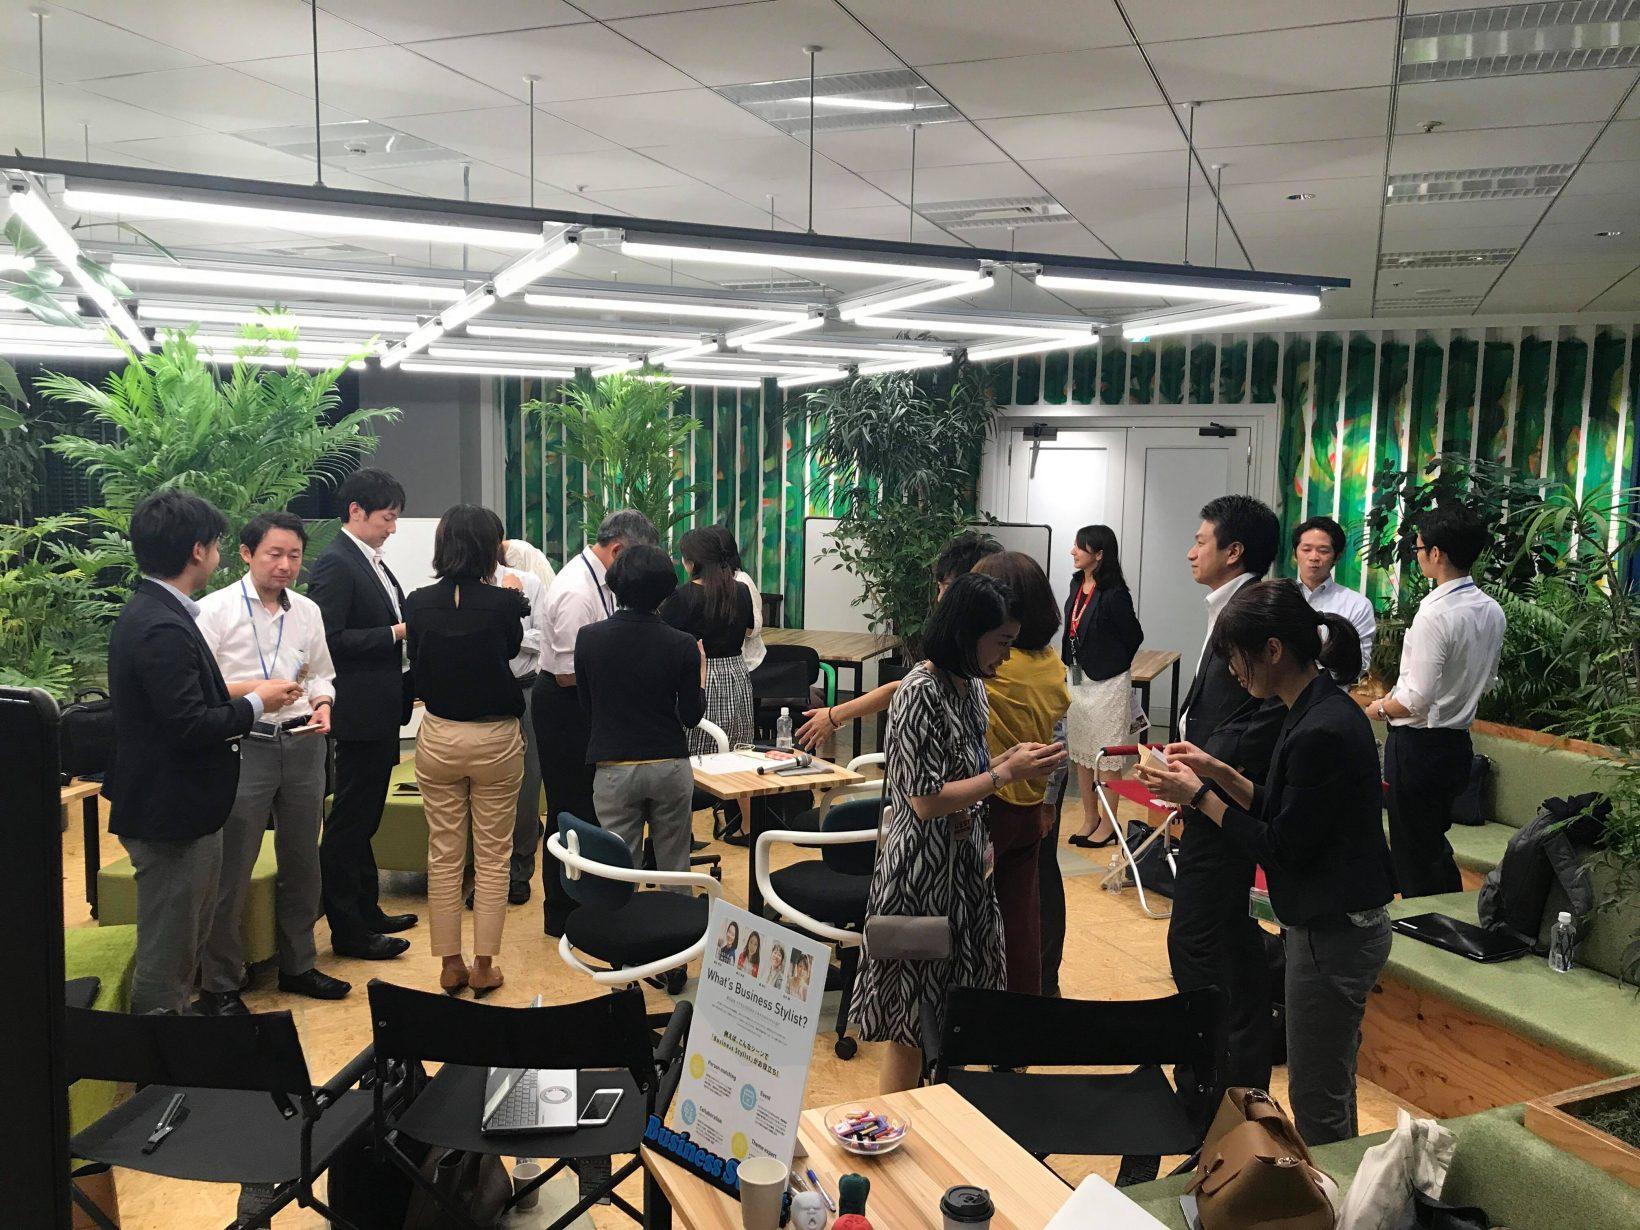 パフォーマンスが上がるワークスペースについて話そう!働き方改革Meetup!@汐留